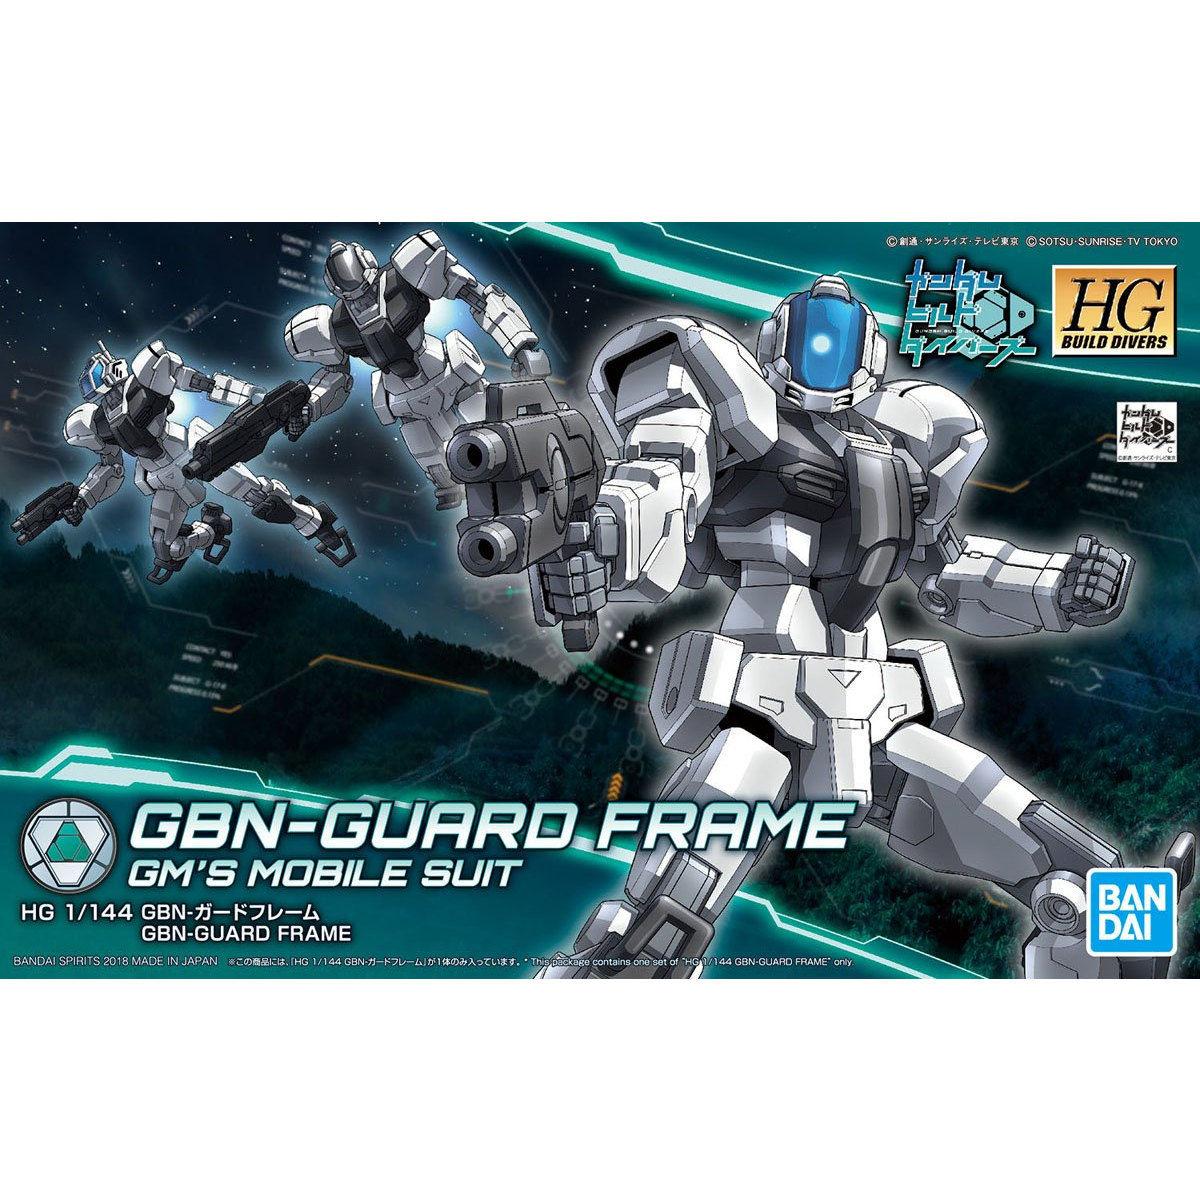 万代 HGBD 高达创形者 GBN-GUARD FRAME 防卫骨架--1600